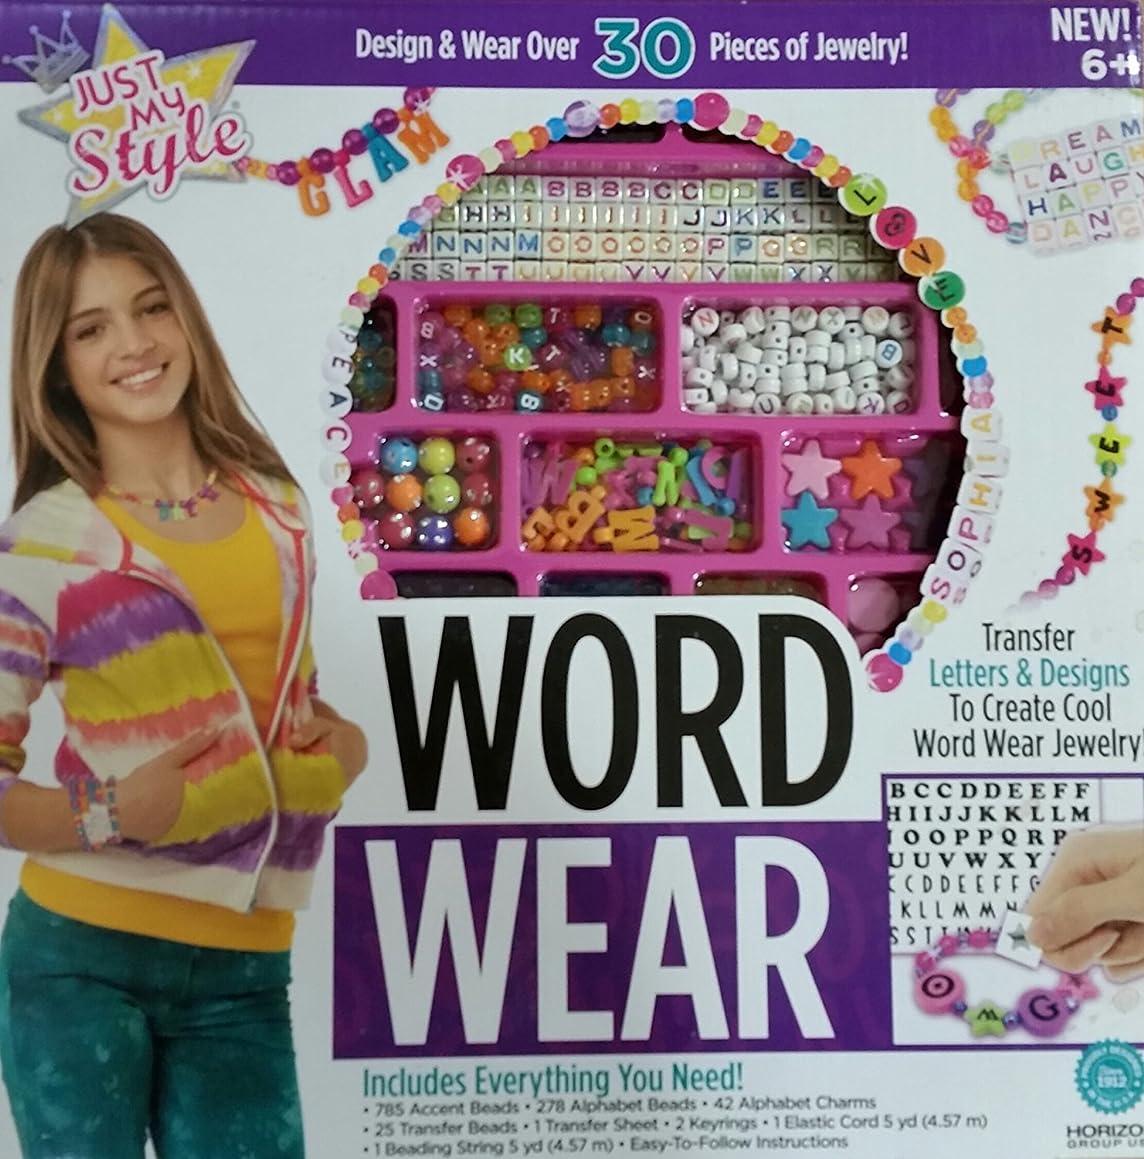 Just My Style Word Wear - Design & Wear Jewelry & Bead Kit